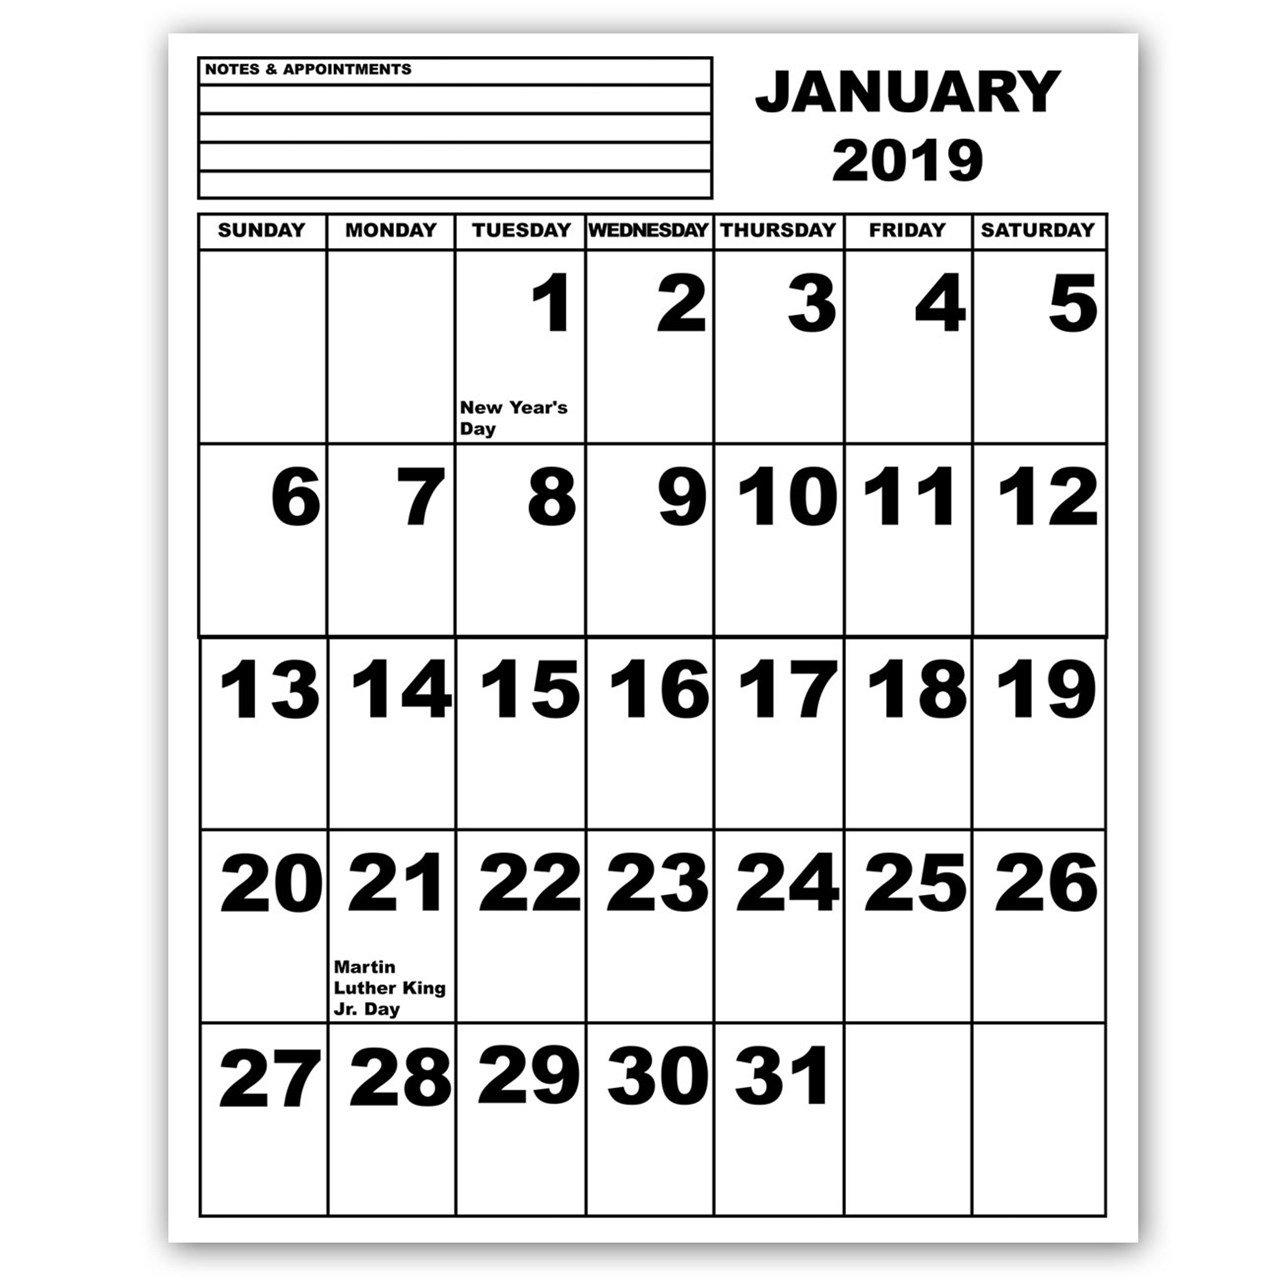 Maxiaids | Jumbo Print Calendar - 2019 Calendar 2019 Images